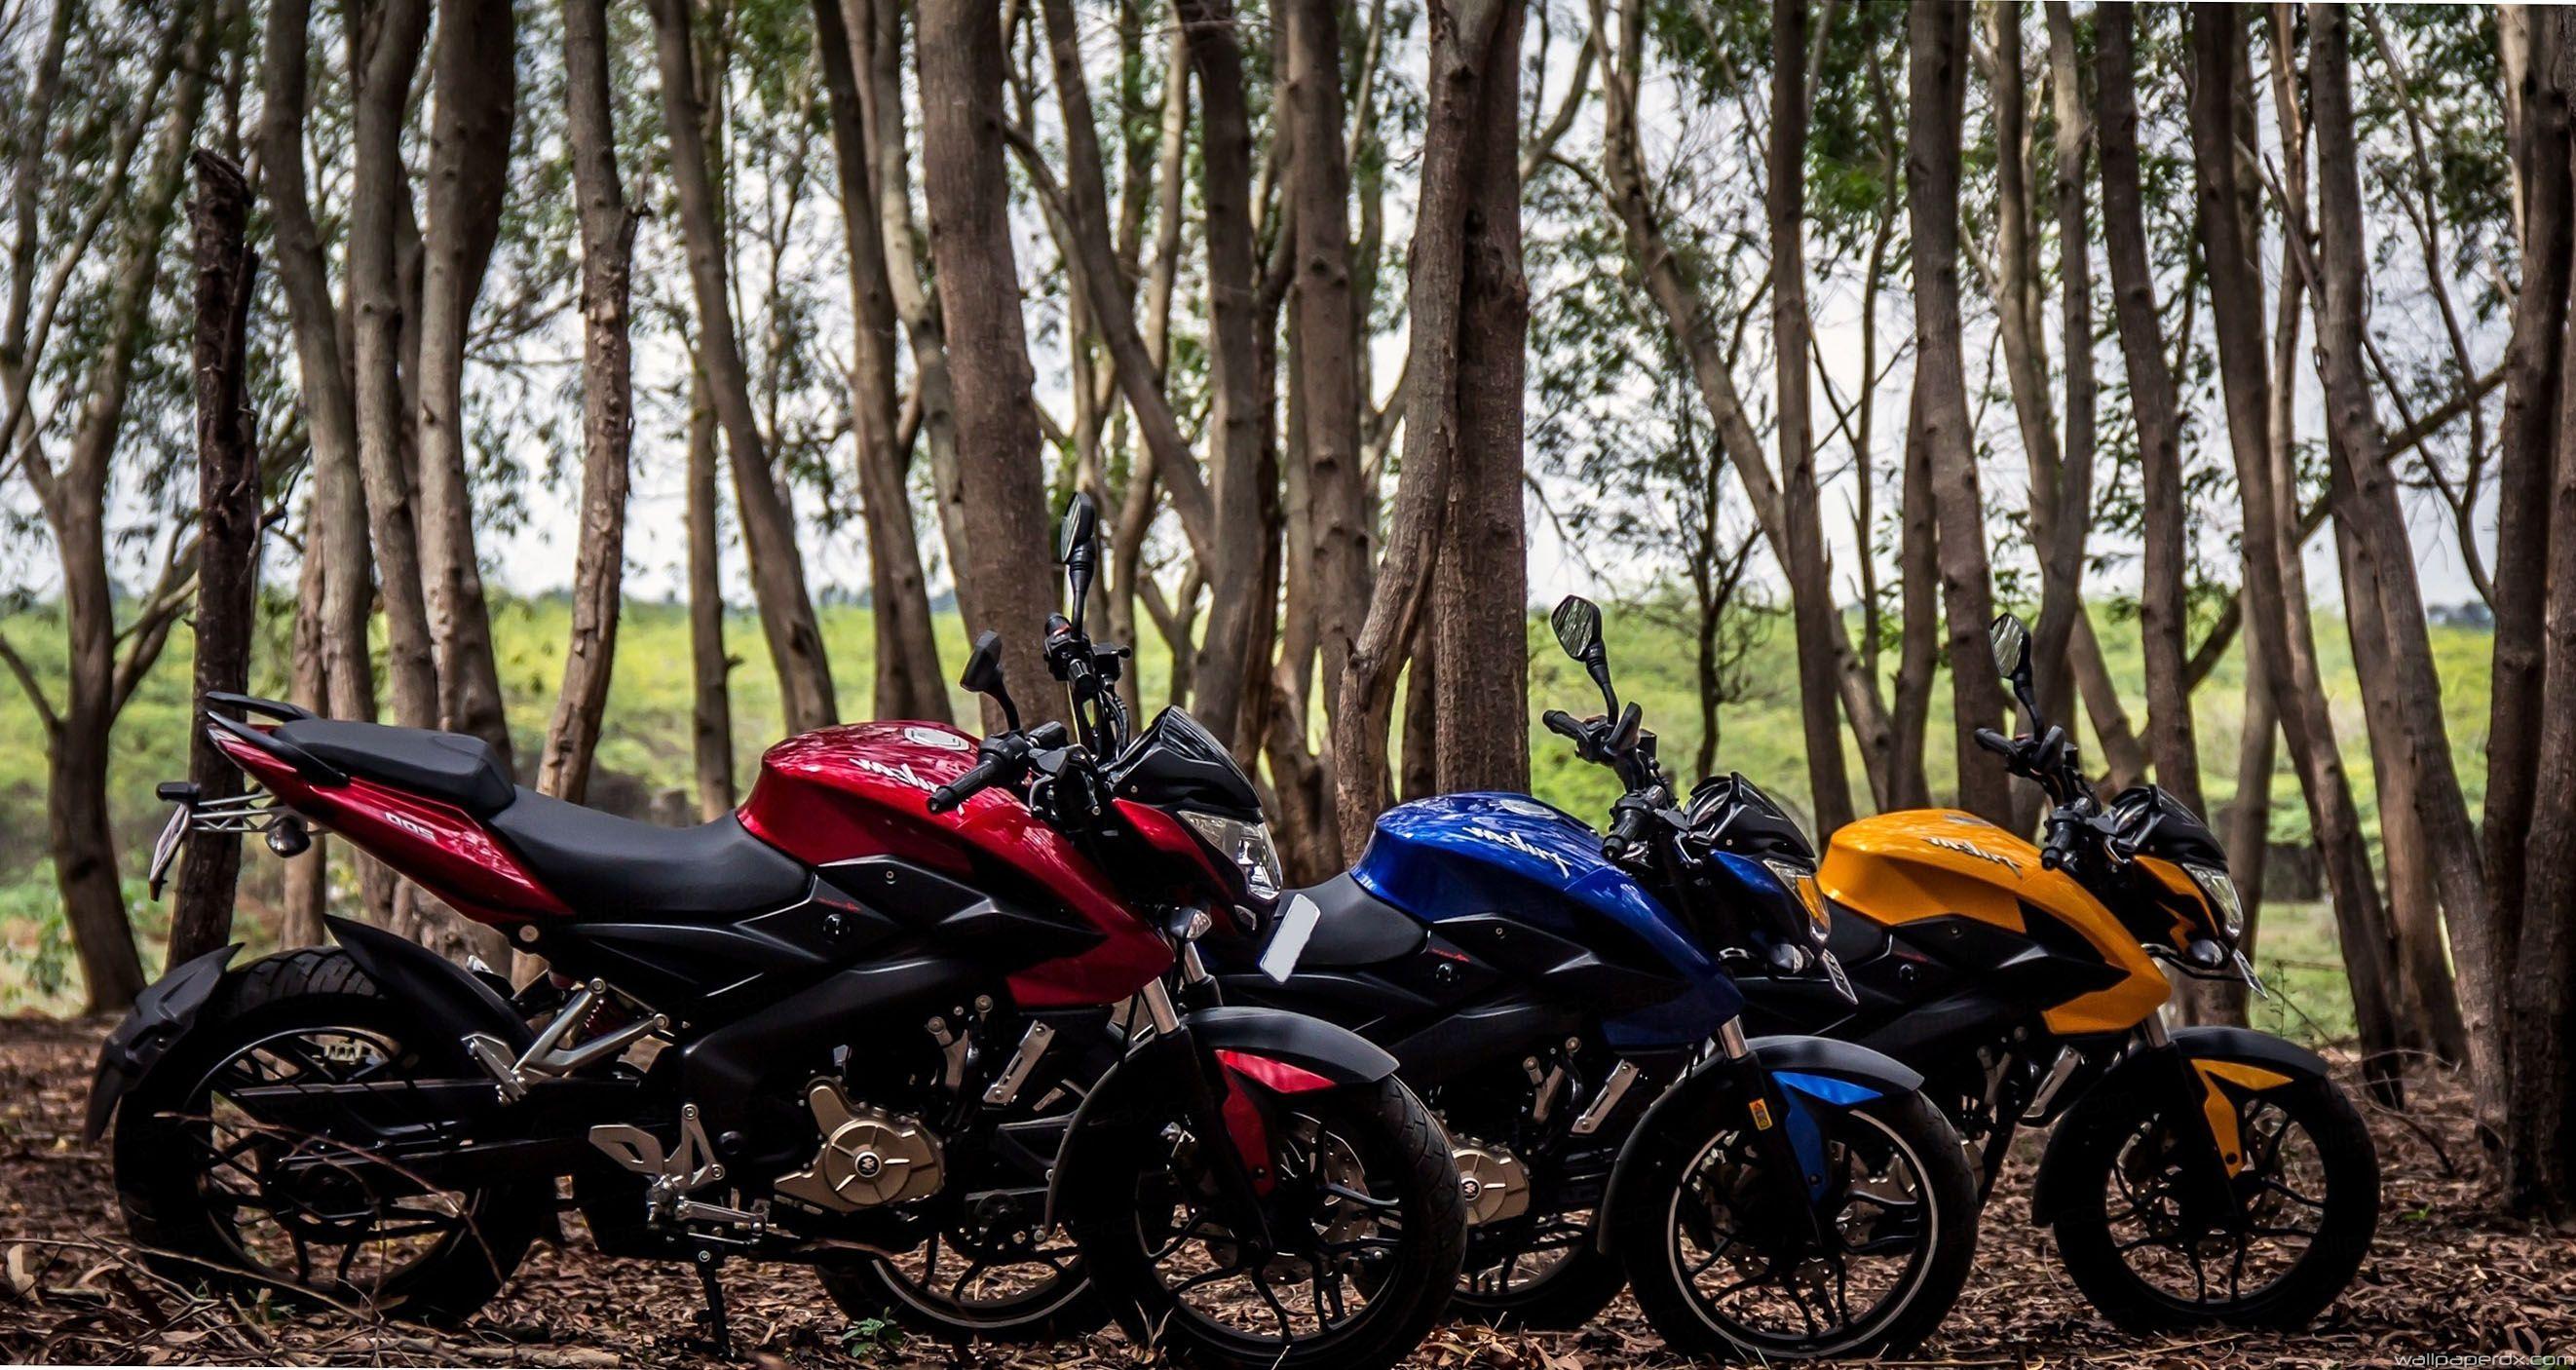 Pulsar Bikes Wallpapers Hd: Pulsar NS 200 Wallpapers